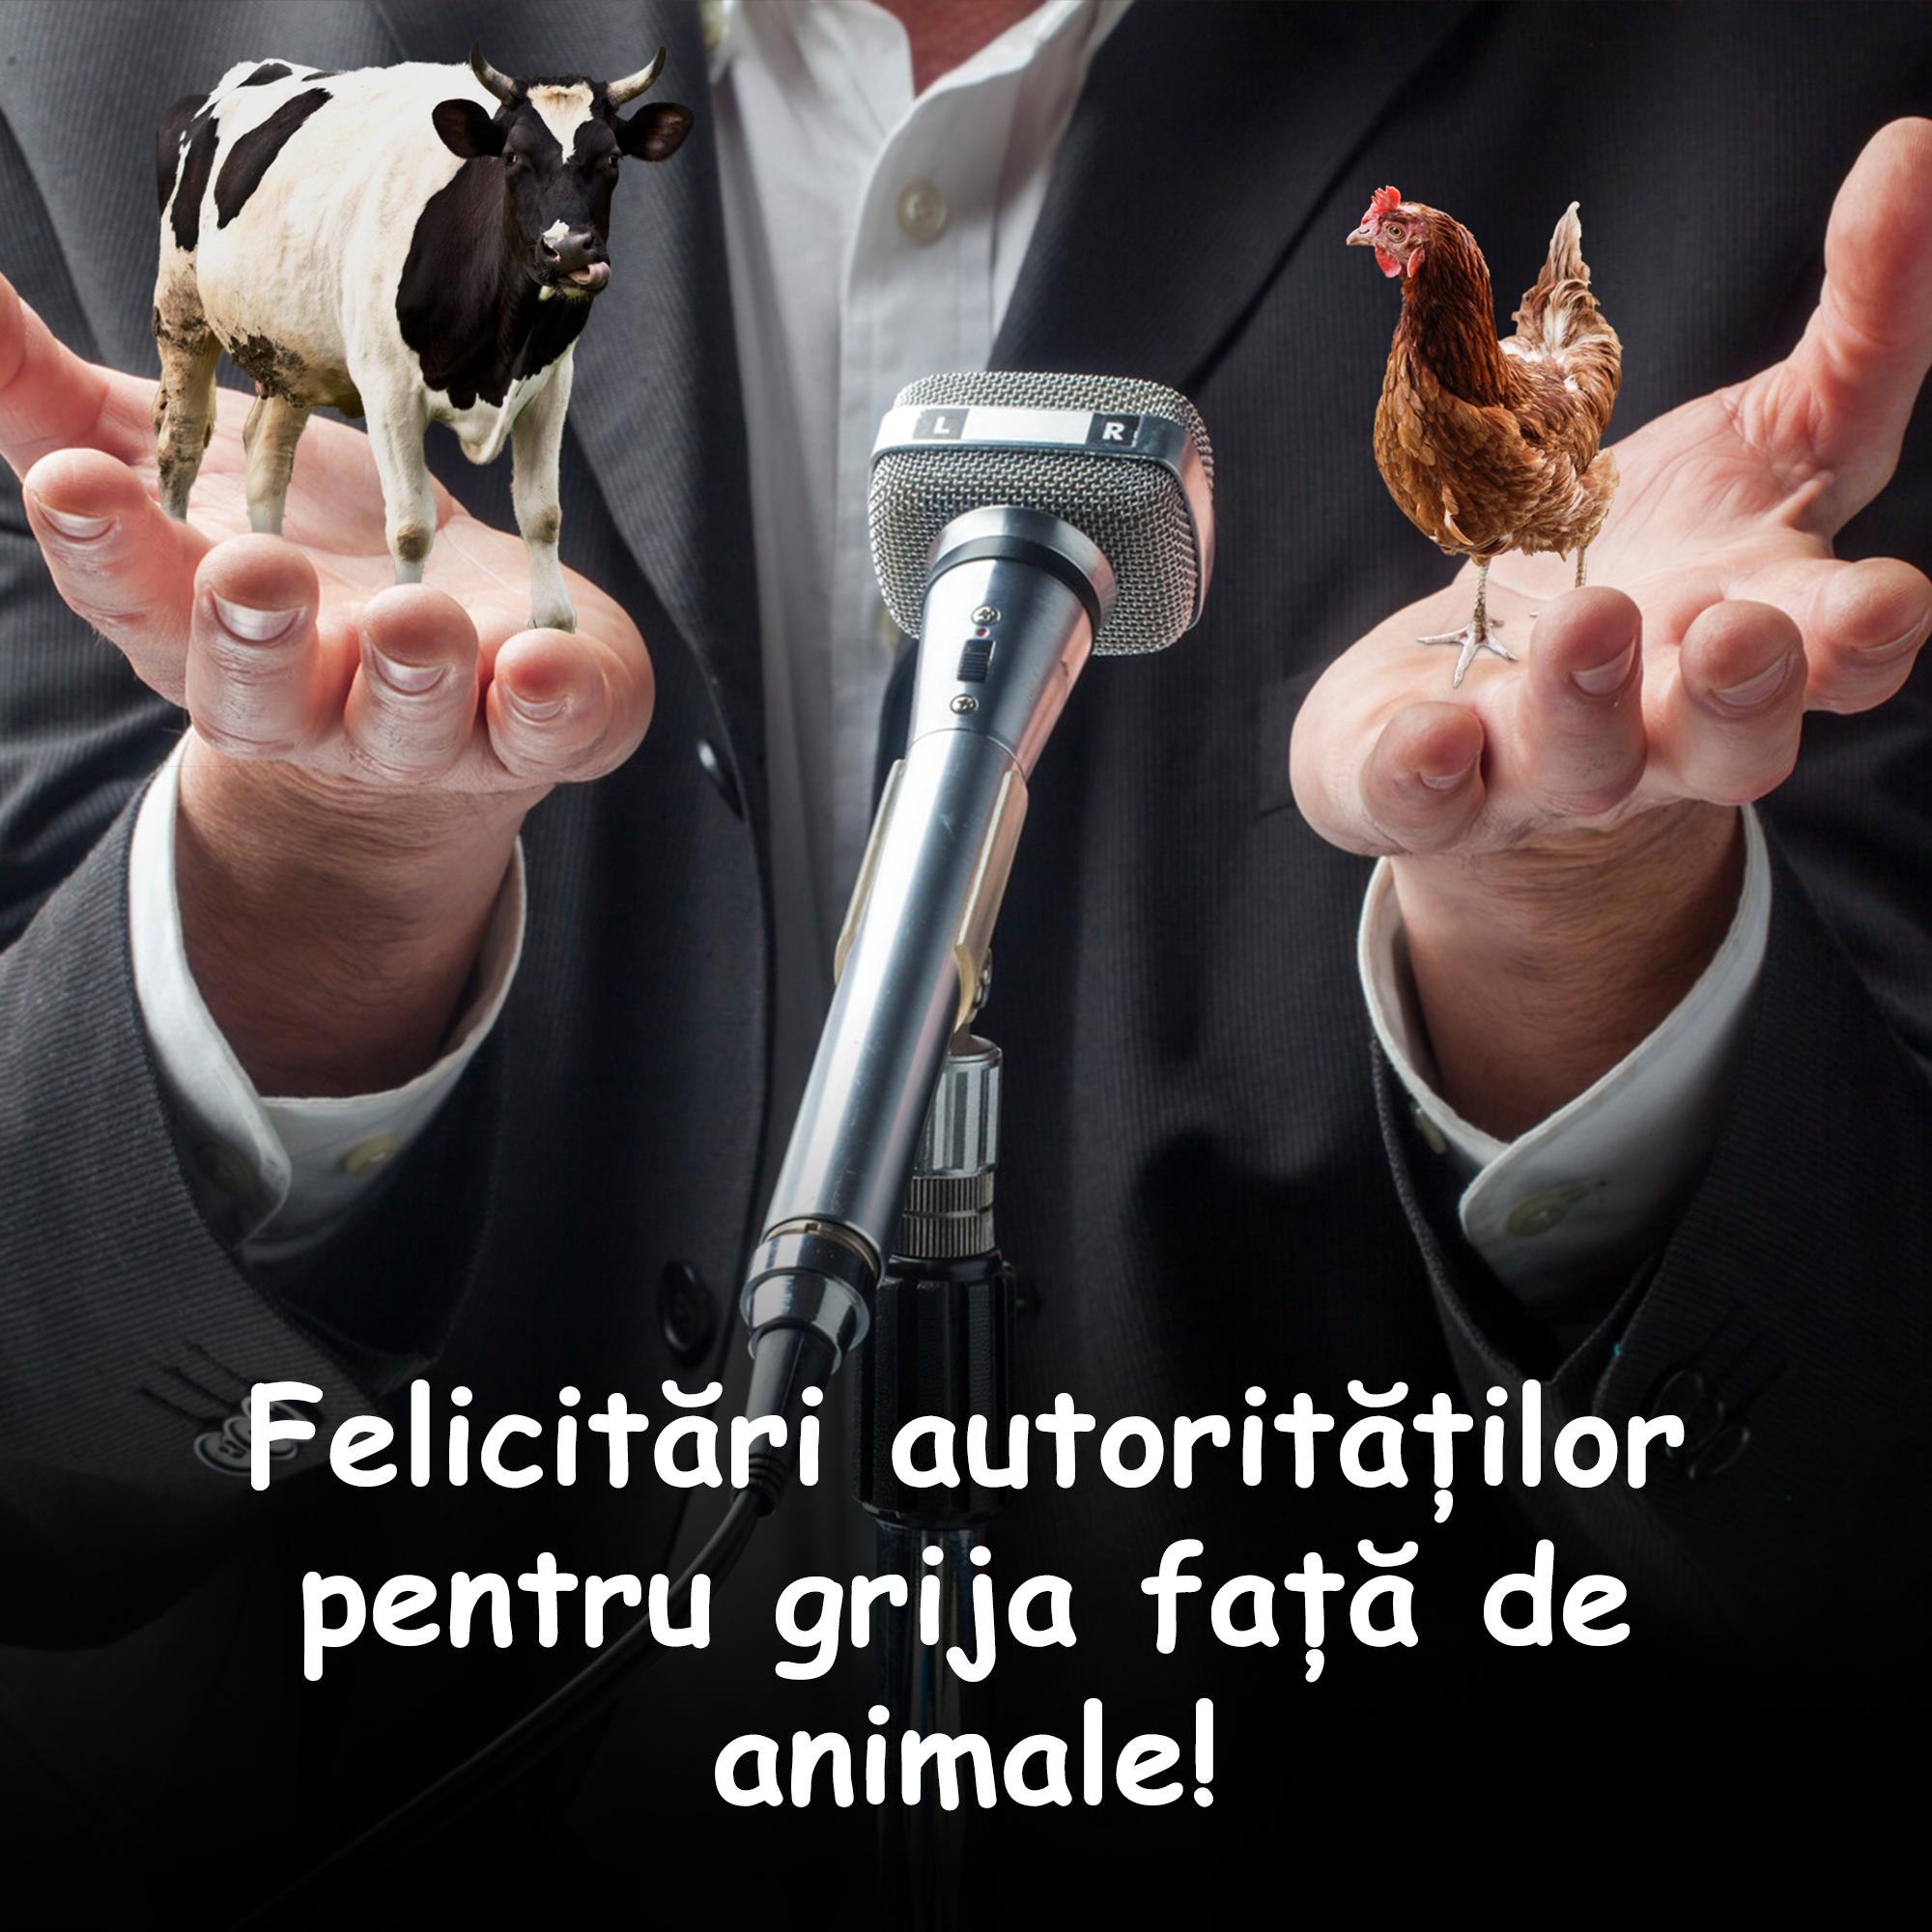 Felicitări Guvernului și Parlamentului României pentru măsurile privind protecția și drepturile animalelor!